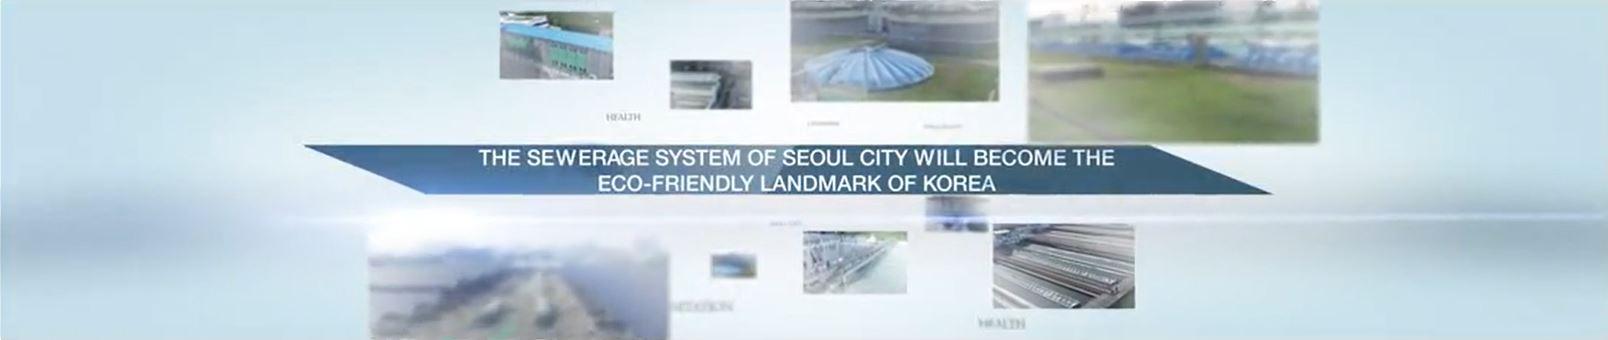 서울하수도과학관 소개영상(영문) 이미지